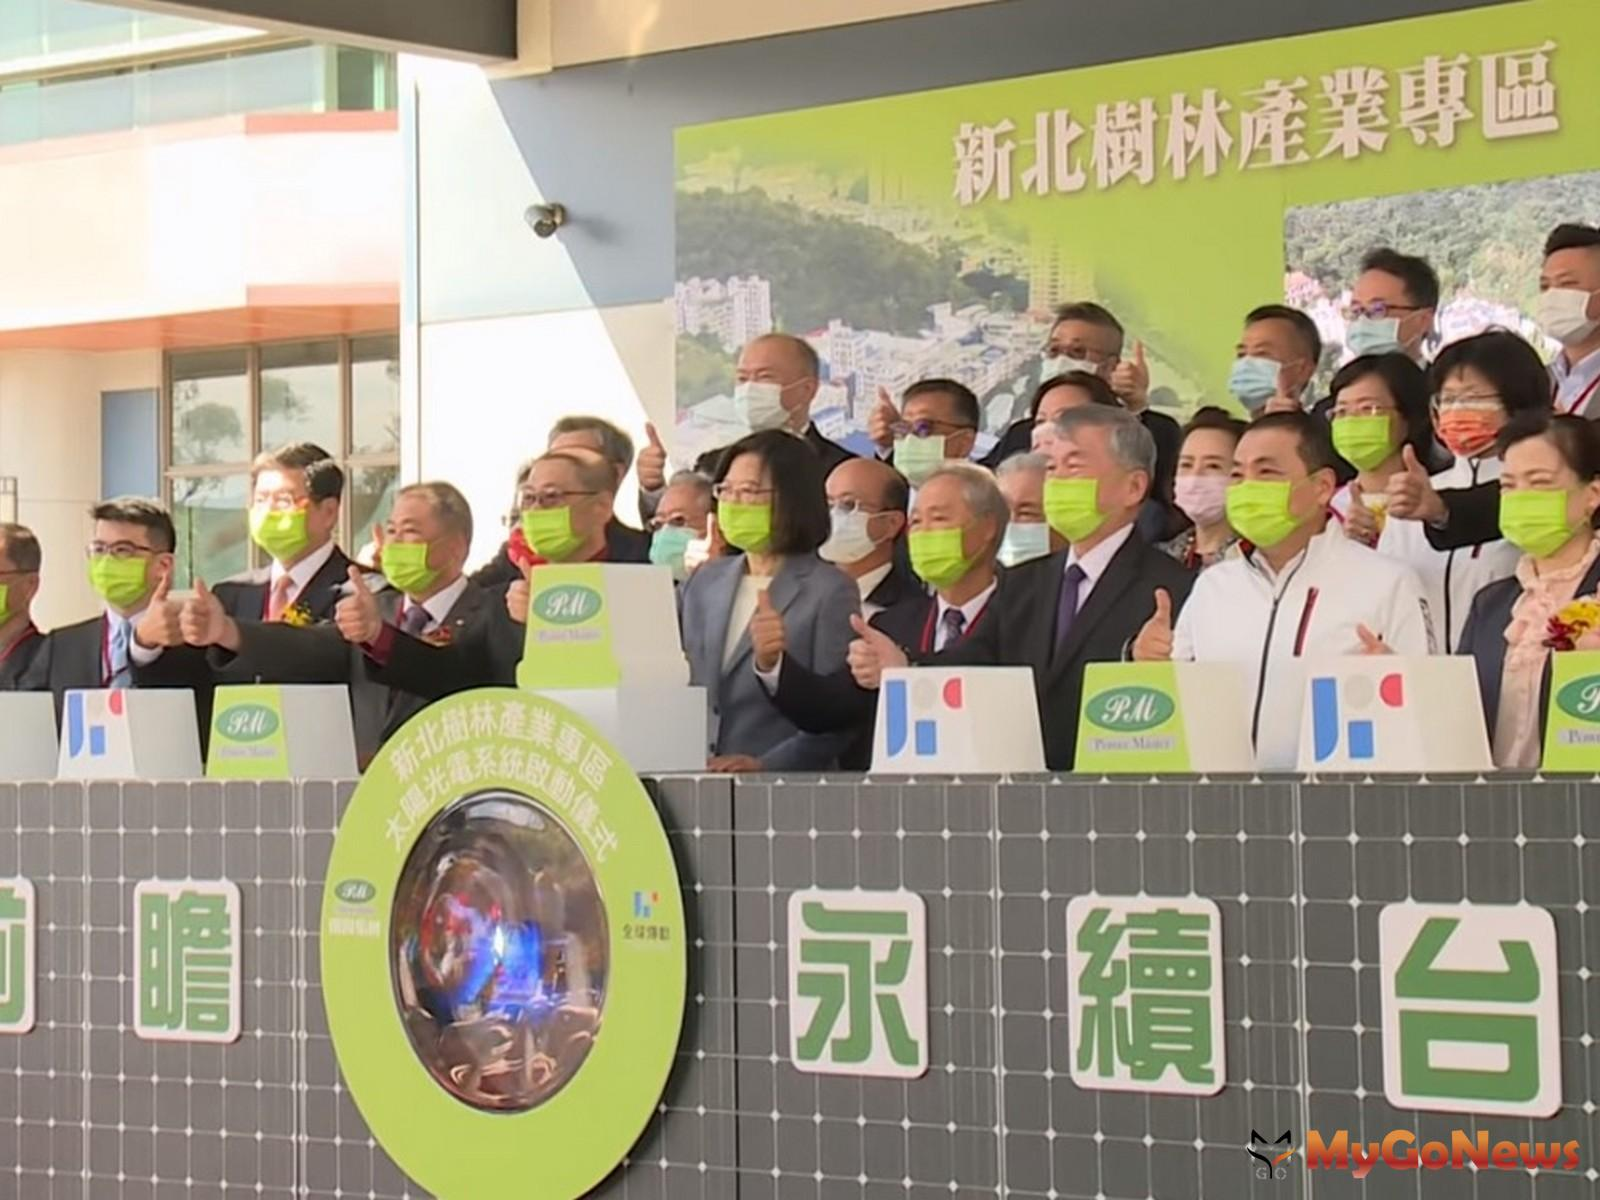 出席樹林產業專區太陽光電系統啟用,總統:綠能是國家核心戰略產業,代表台灣實現能源轉型、追求永續發展決心(圖/總統府) MyGoNews房地產新聞 區域情報